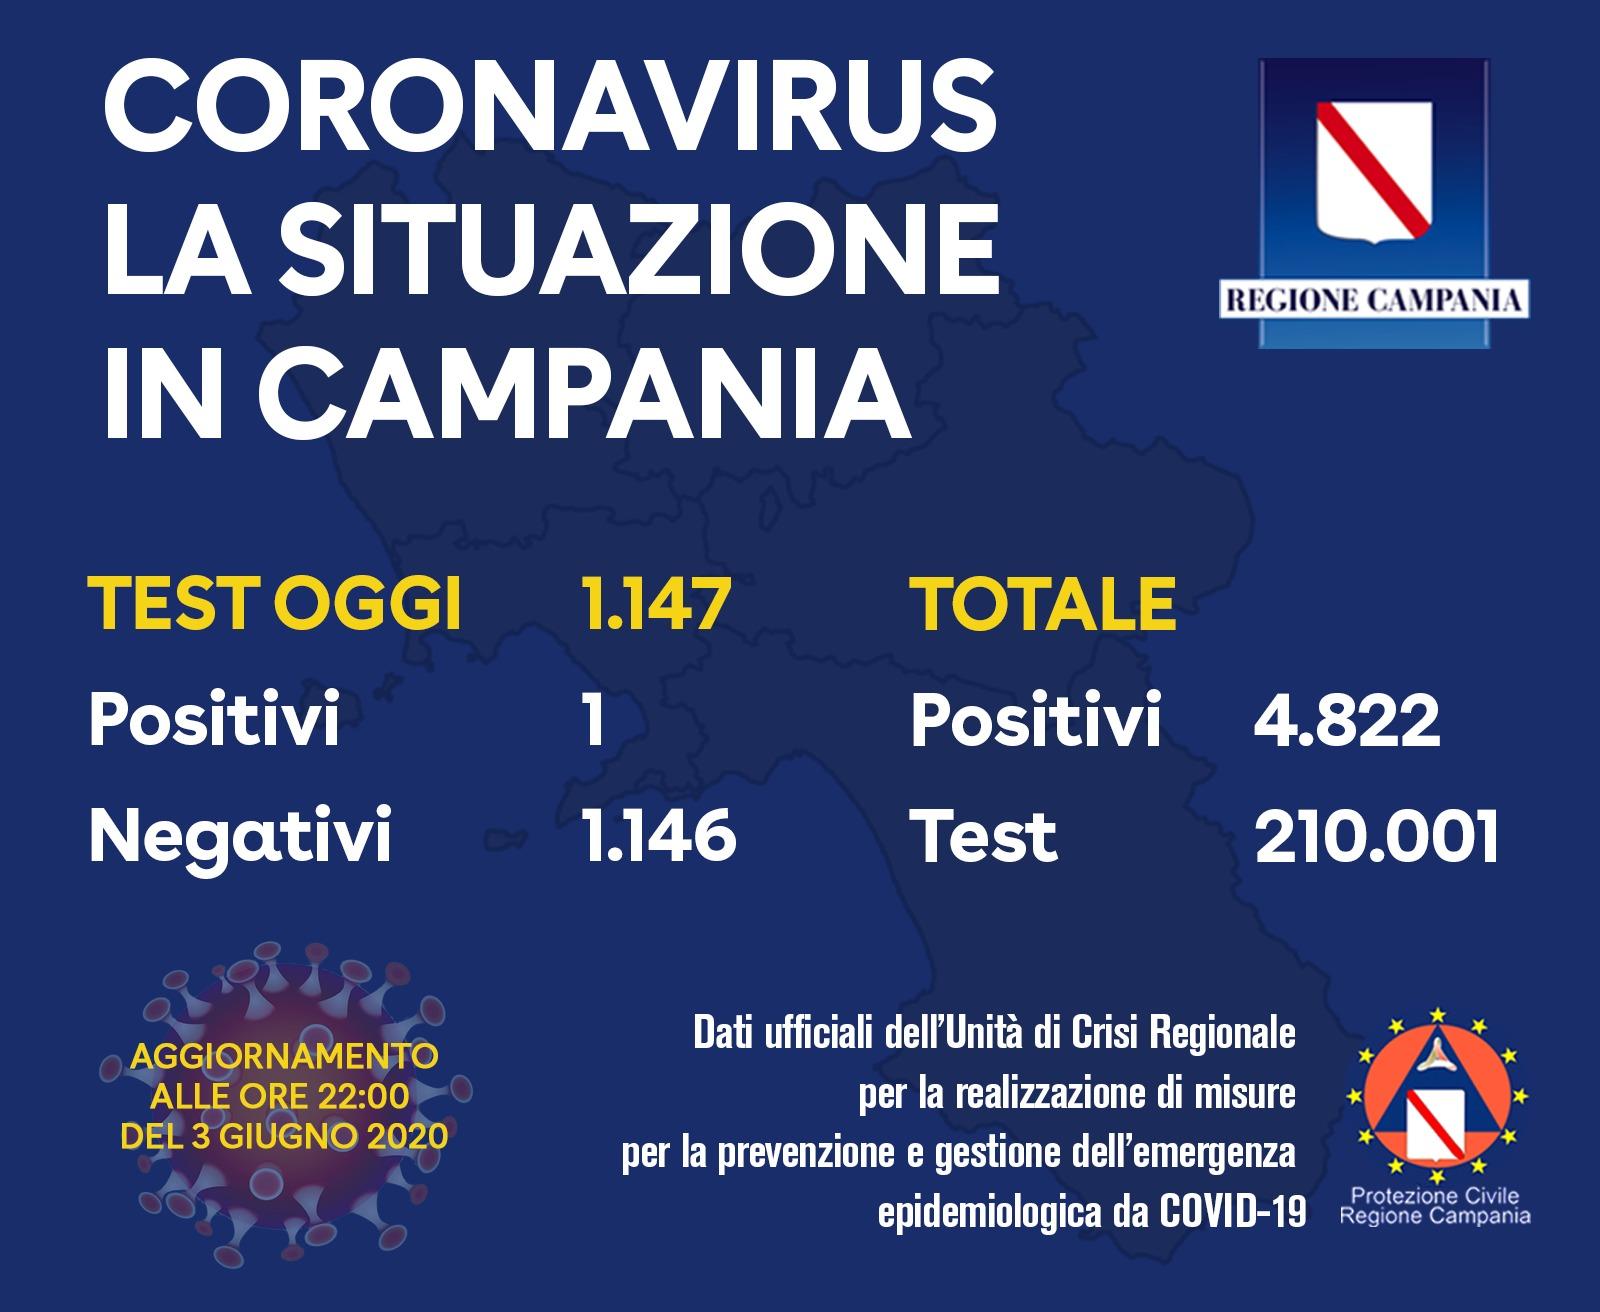 Photo of Coronavirus in Campania, un tampone positivo su oltre 1140: il bollettino del 3 giugno